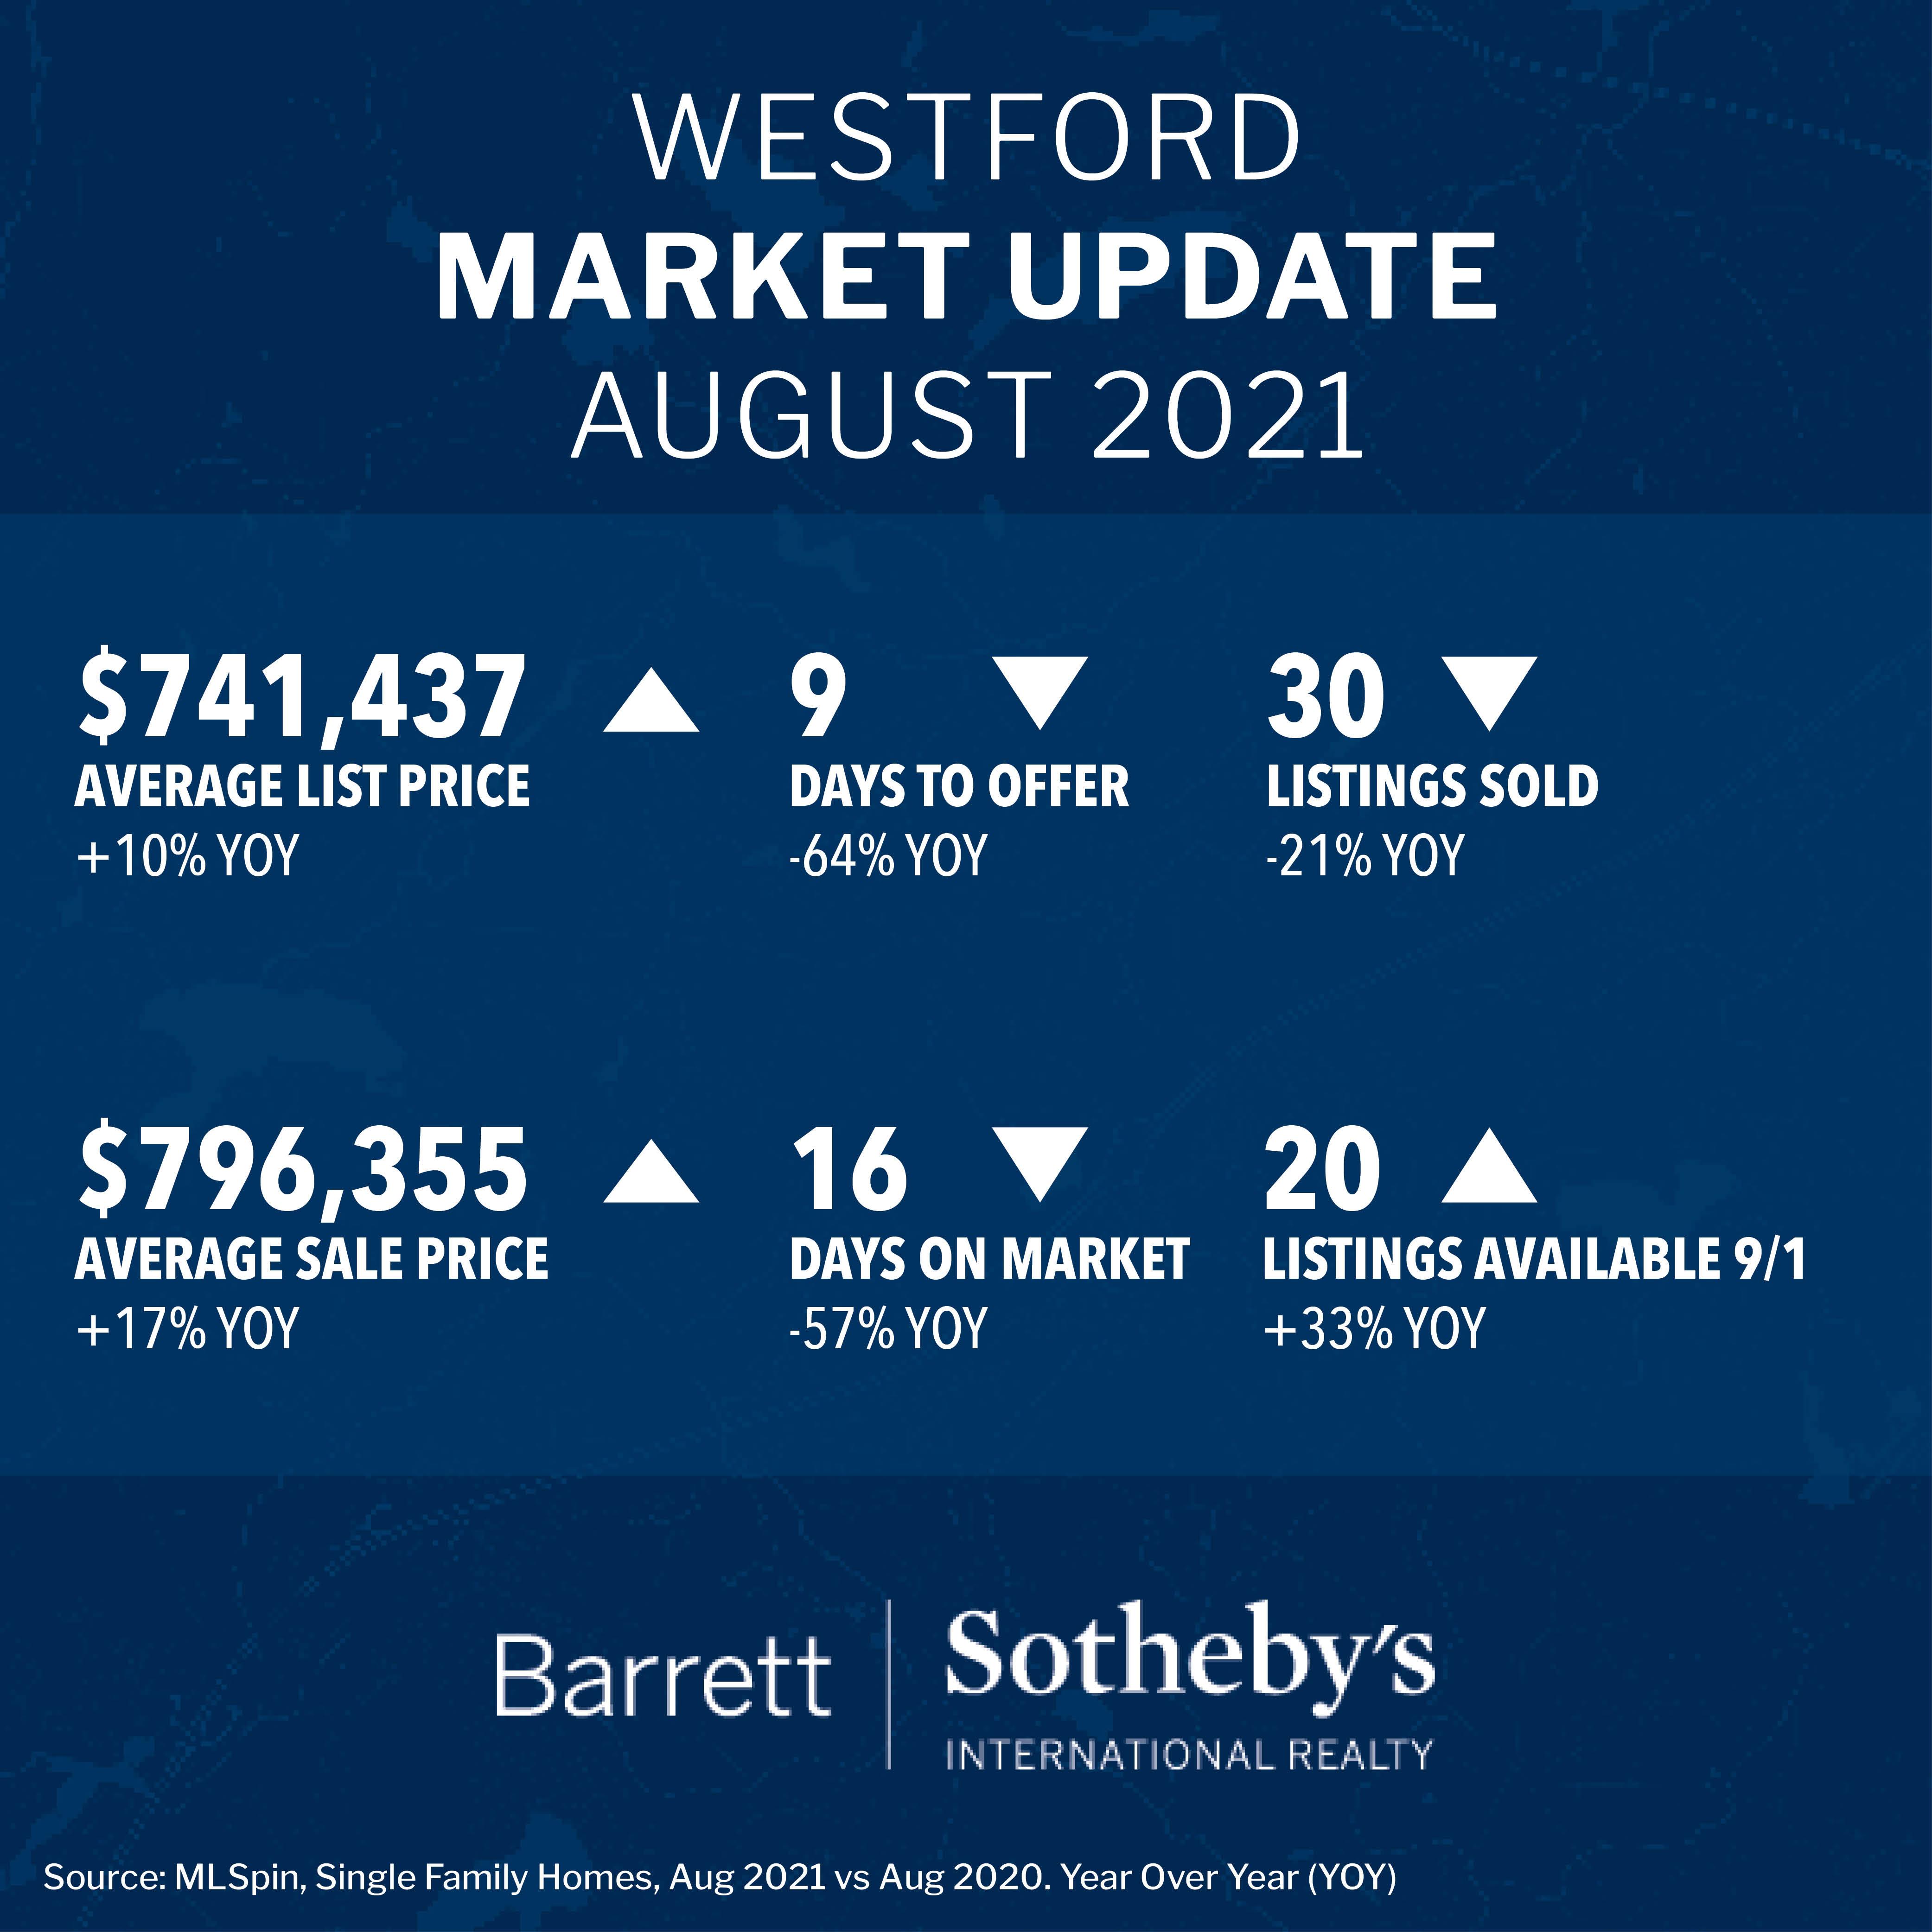 Westford Market Update August 2021